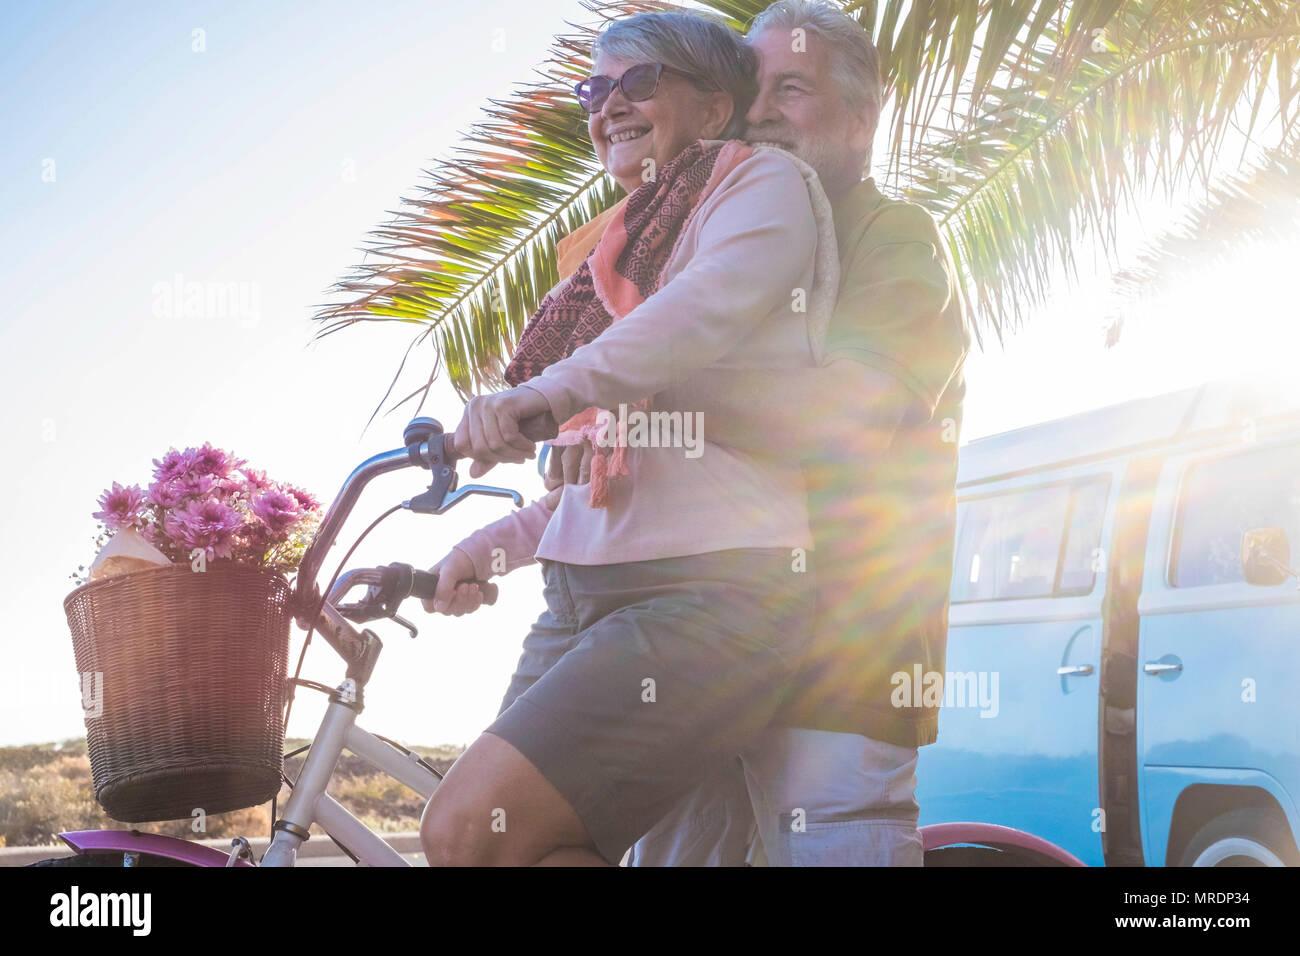 Bella bella coppia di anziani nonni andando insieme su una bicicletta all'aperto in un luogo tropicale. vecchio blu vintage van in background. happine Foto Stock